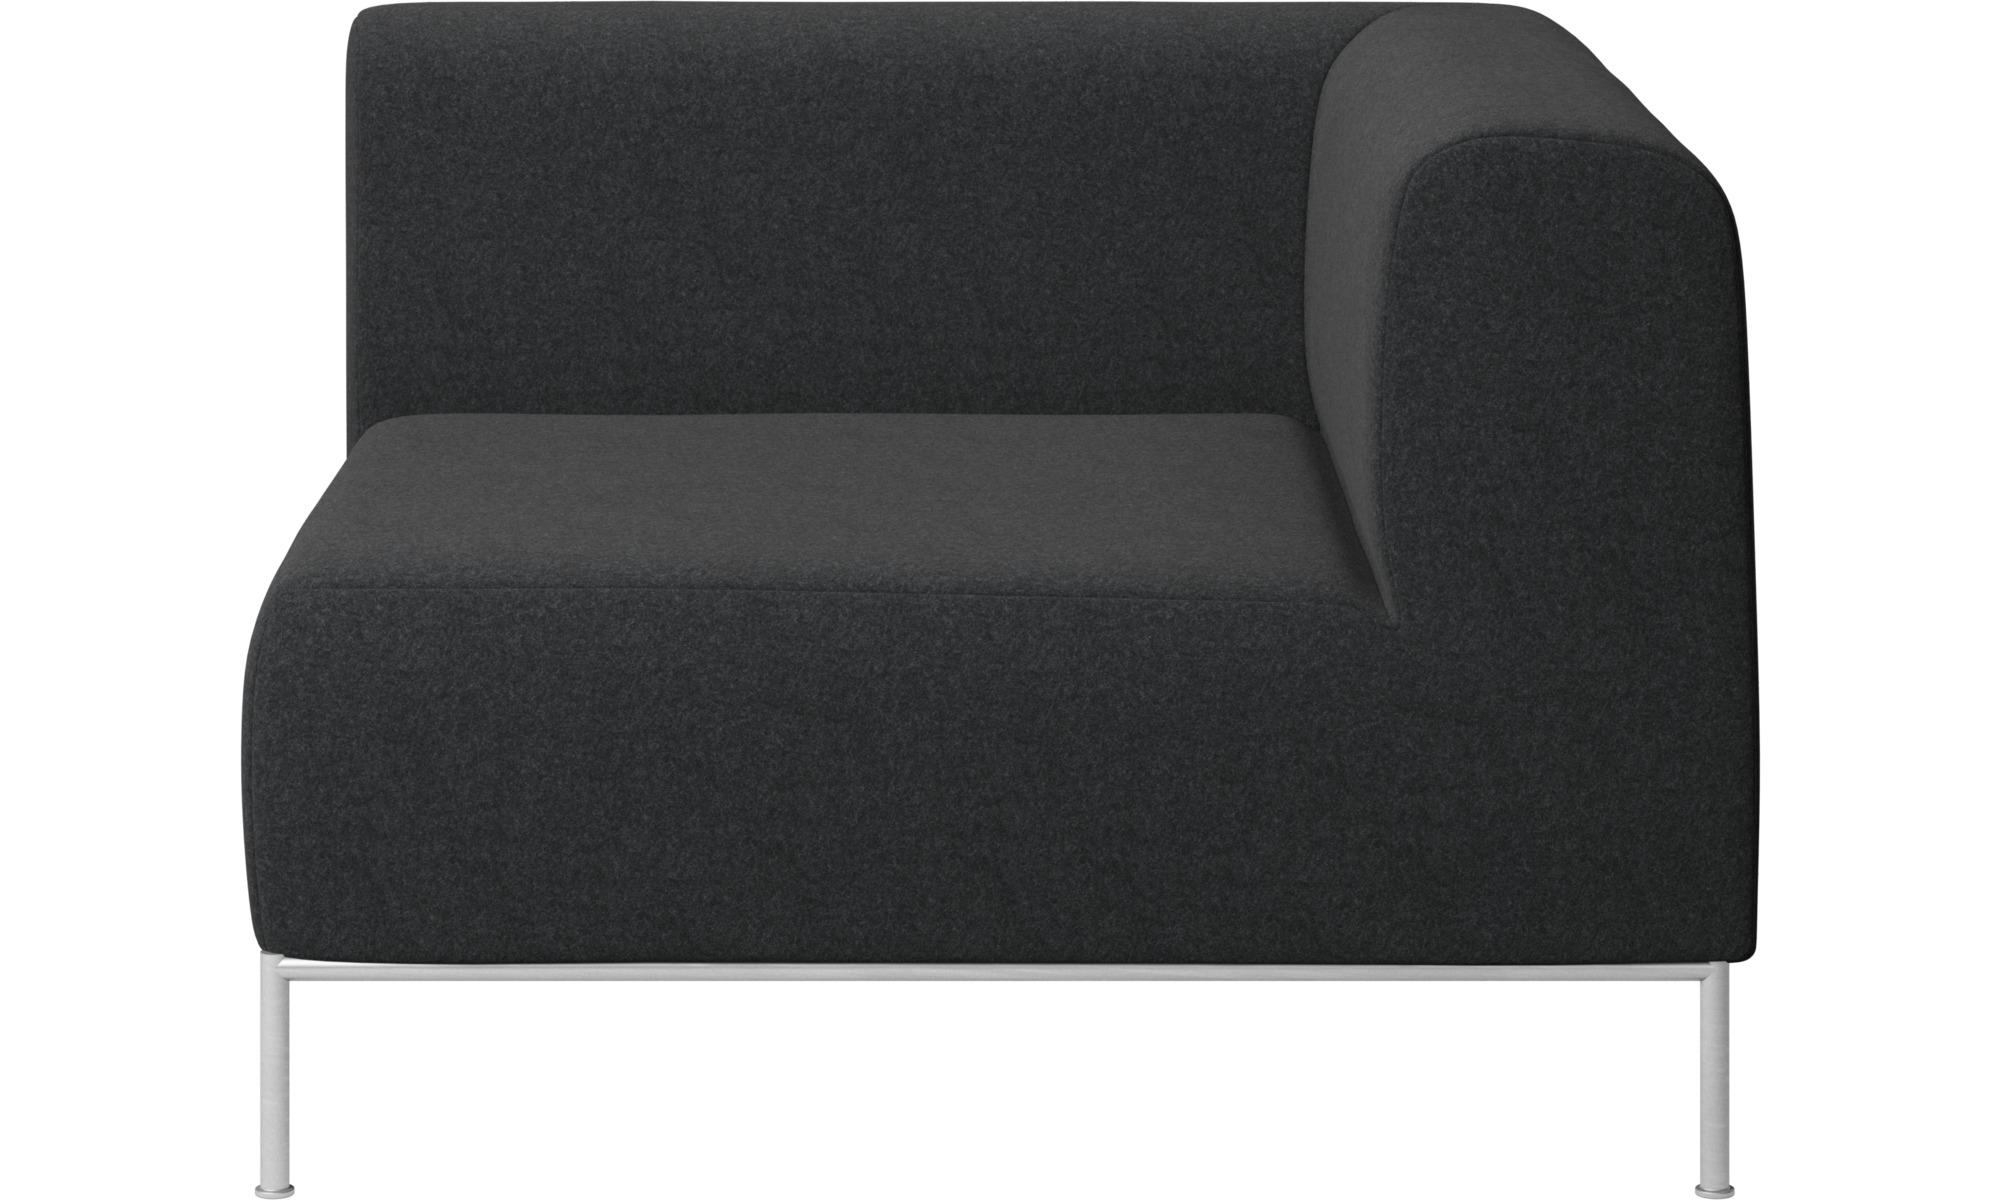 Modulære sofaer - Miami hjørnemodul højre side - Grå - Stof